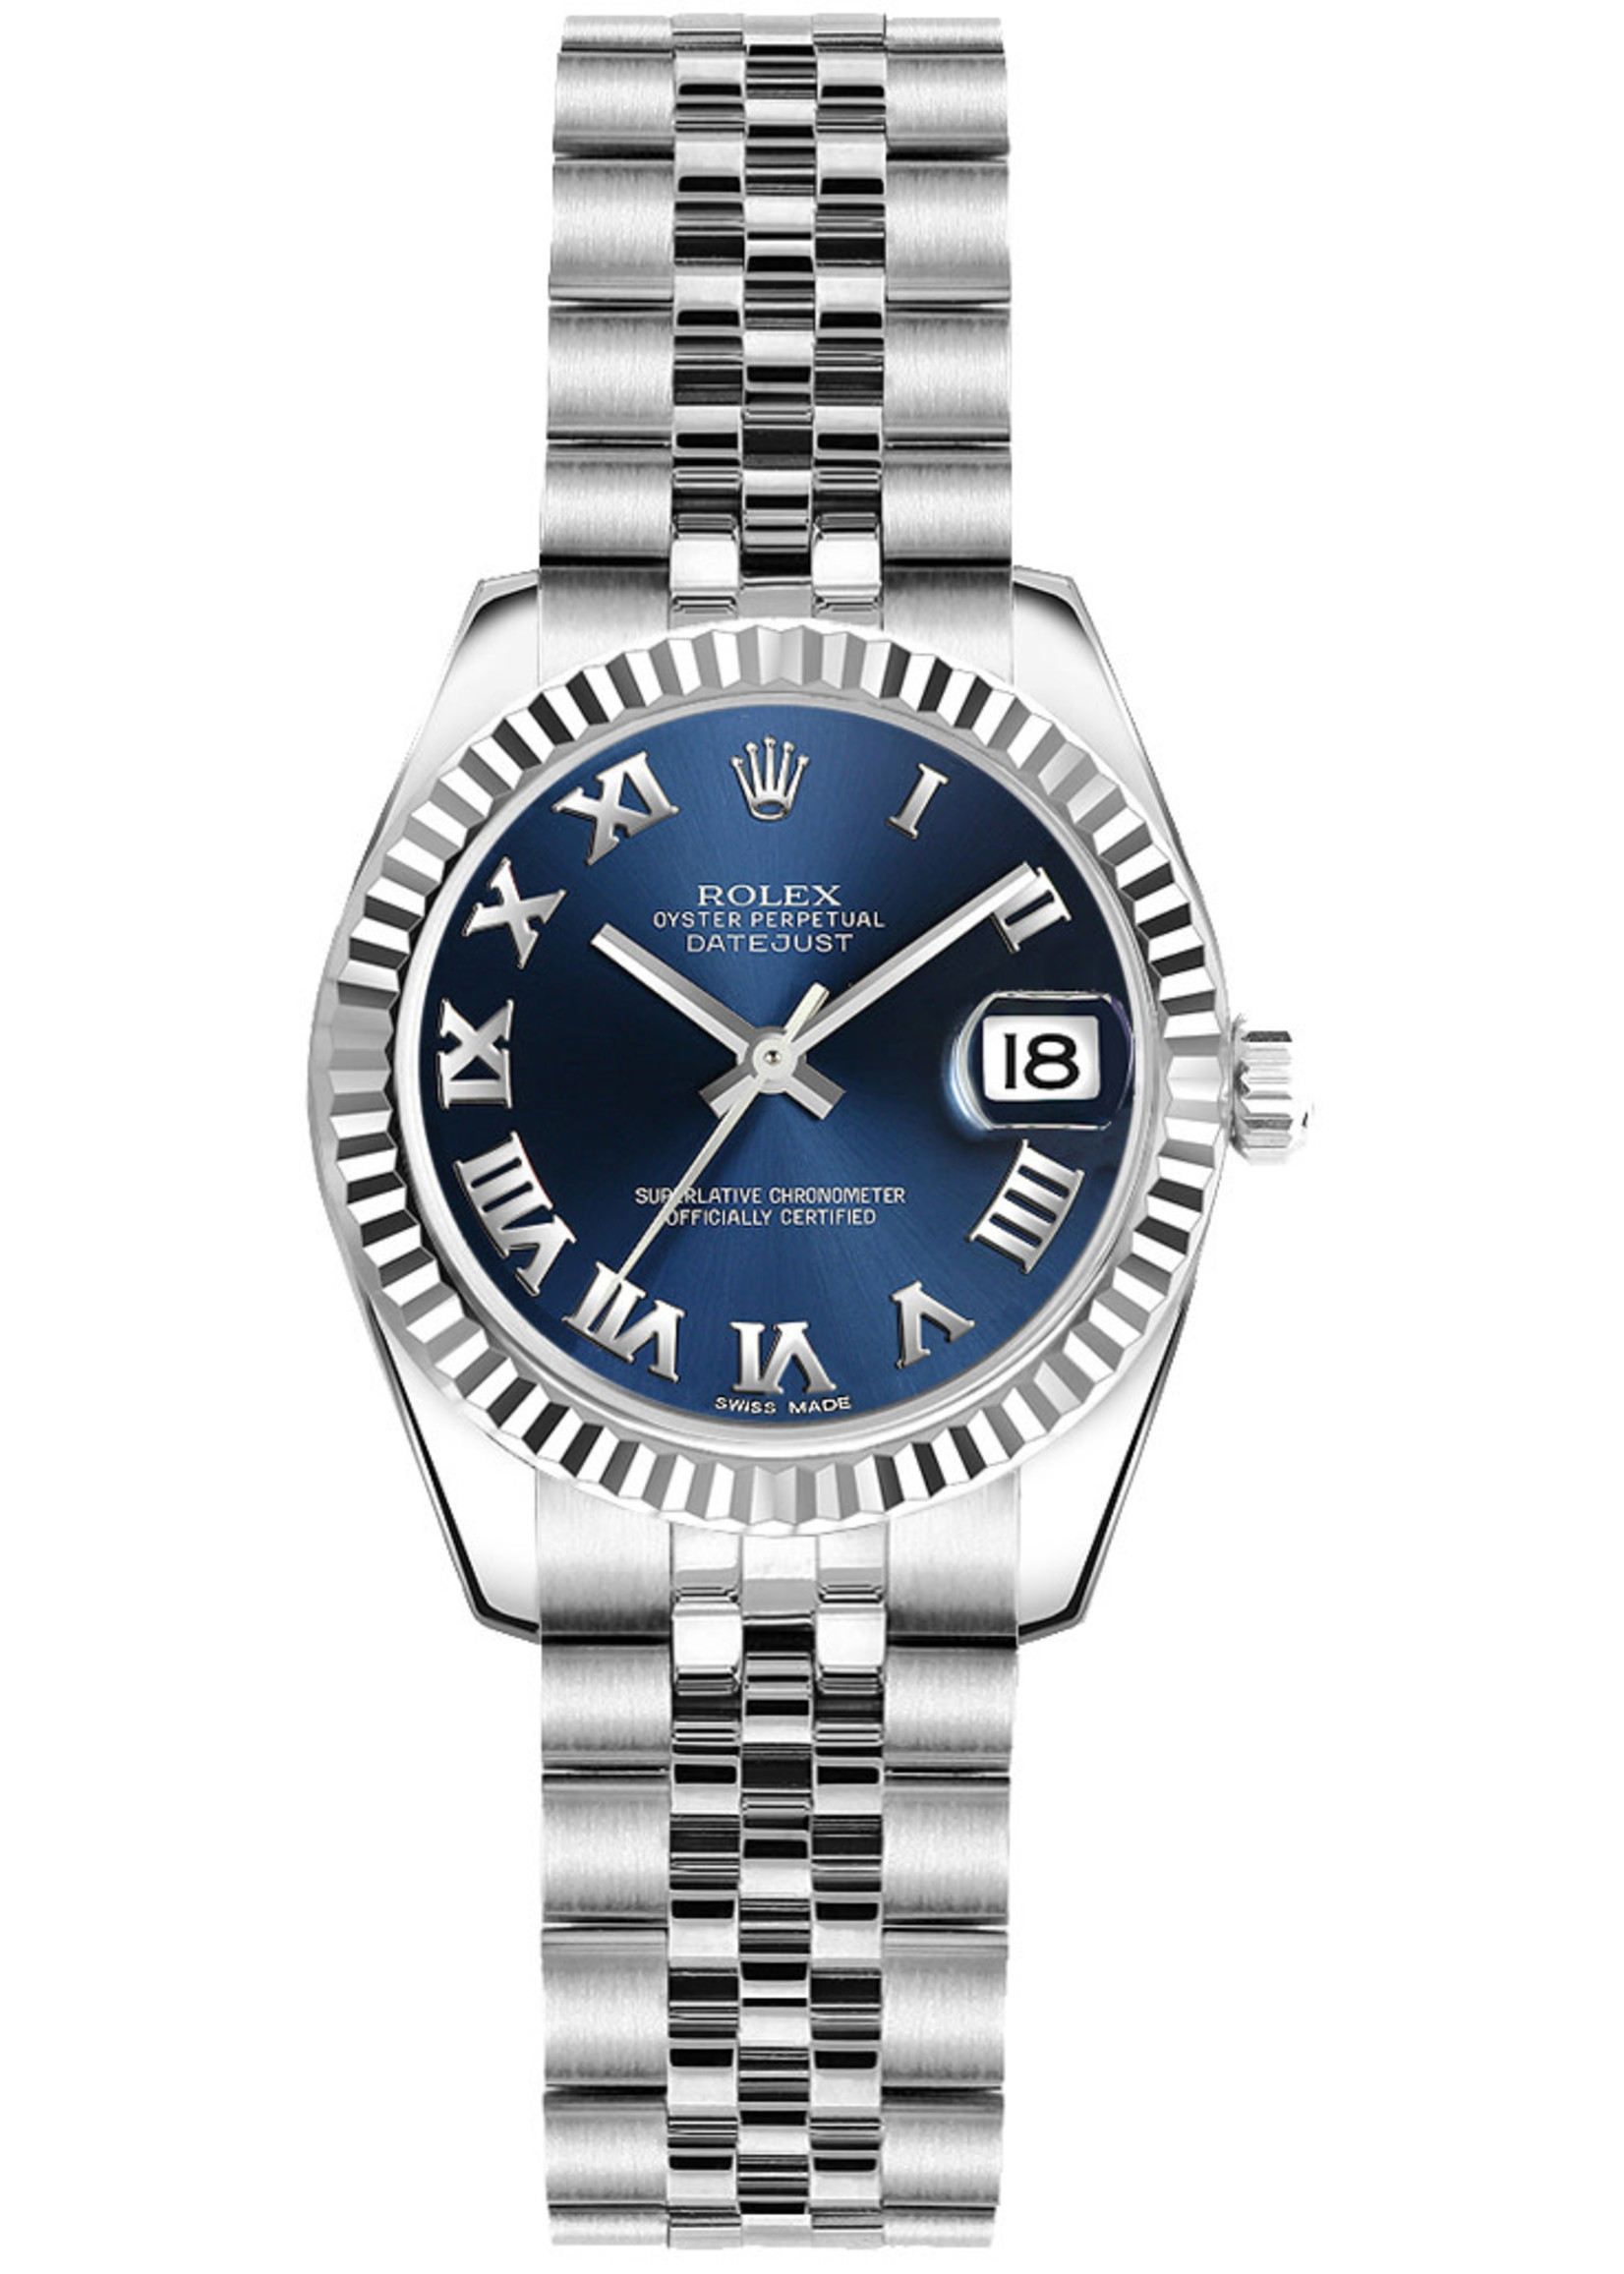 Rolex Watches ROLEX DATEJUST 26MM (2010 B+P) - NEVER WORN #179174